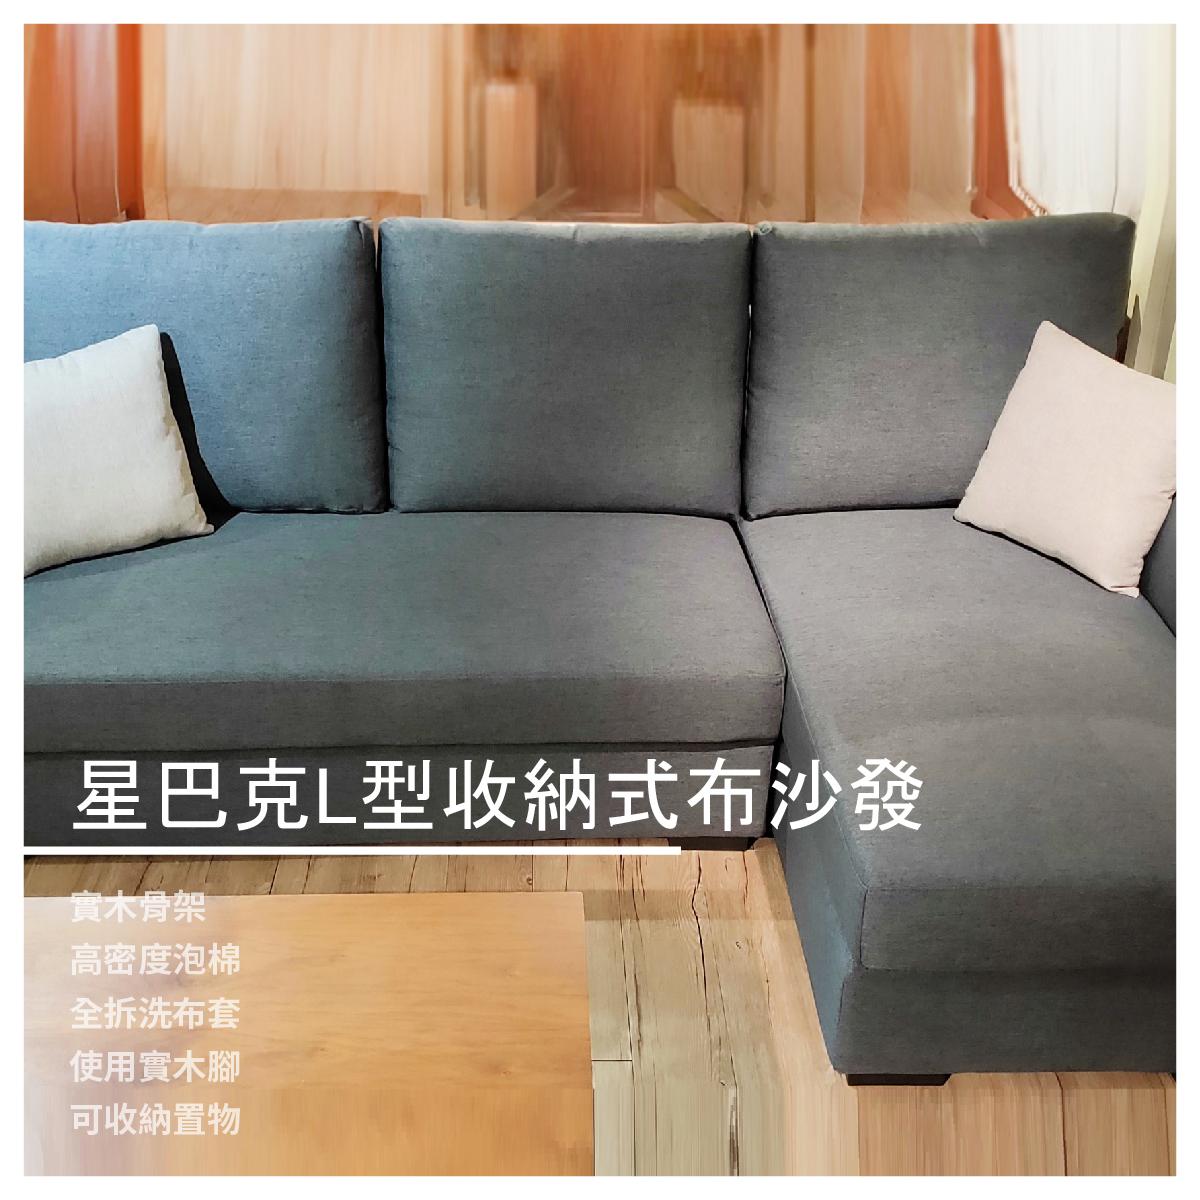 【長榮家具】星巴克L型收納式布沙發